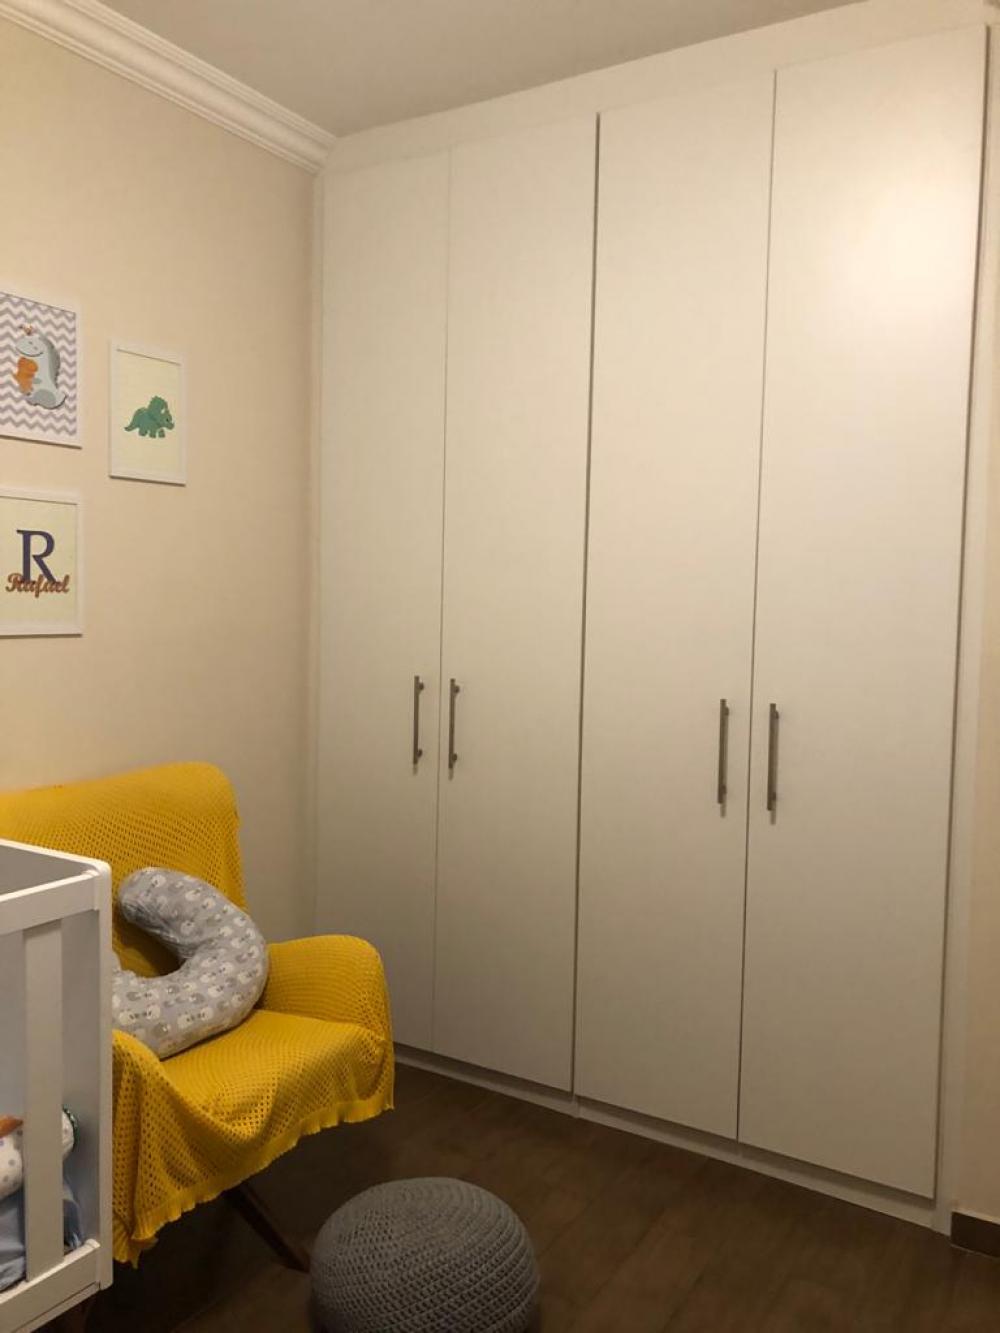 Lindo apartamento no centro da cidade de 72 m² com 2 vagas de garagem, 2 dormitórios sendo 1 suite, 1 banheiro social, sala 2 ambientes com sacada, cozinha americana, área de serviço e banheiro de serviço. Possui armários planejados, luminárias e sol da manhã. Aceita financiamento.